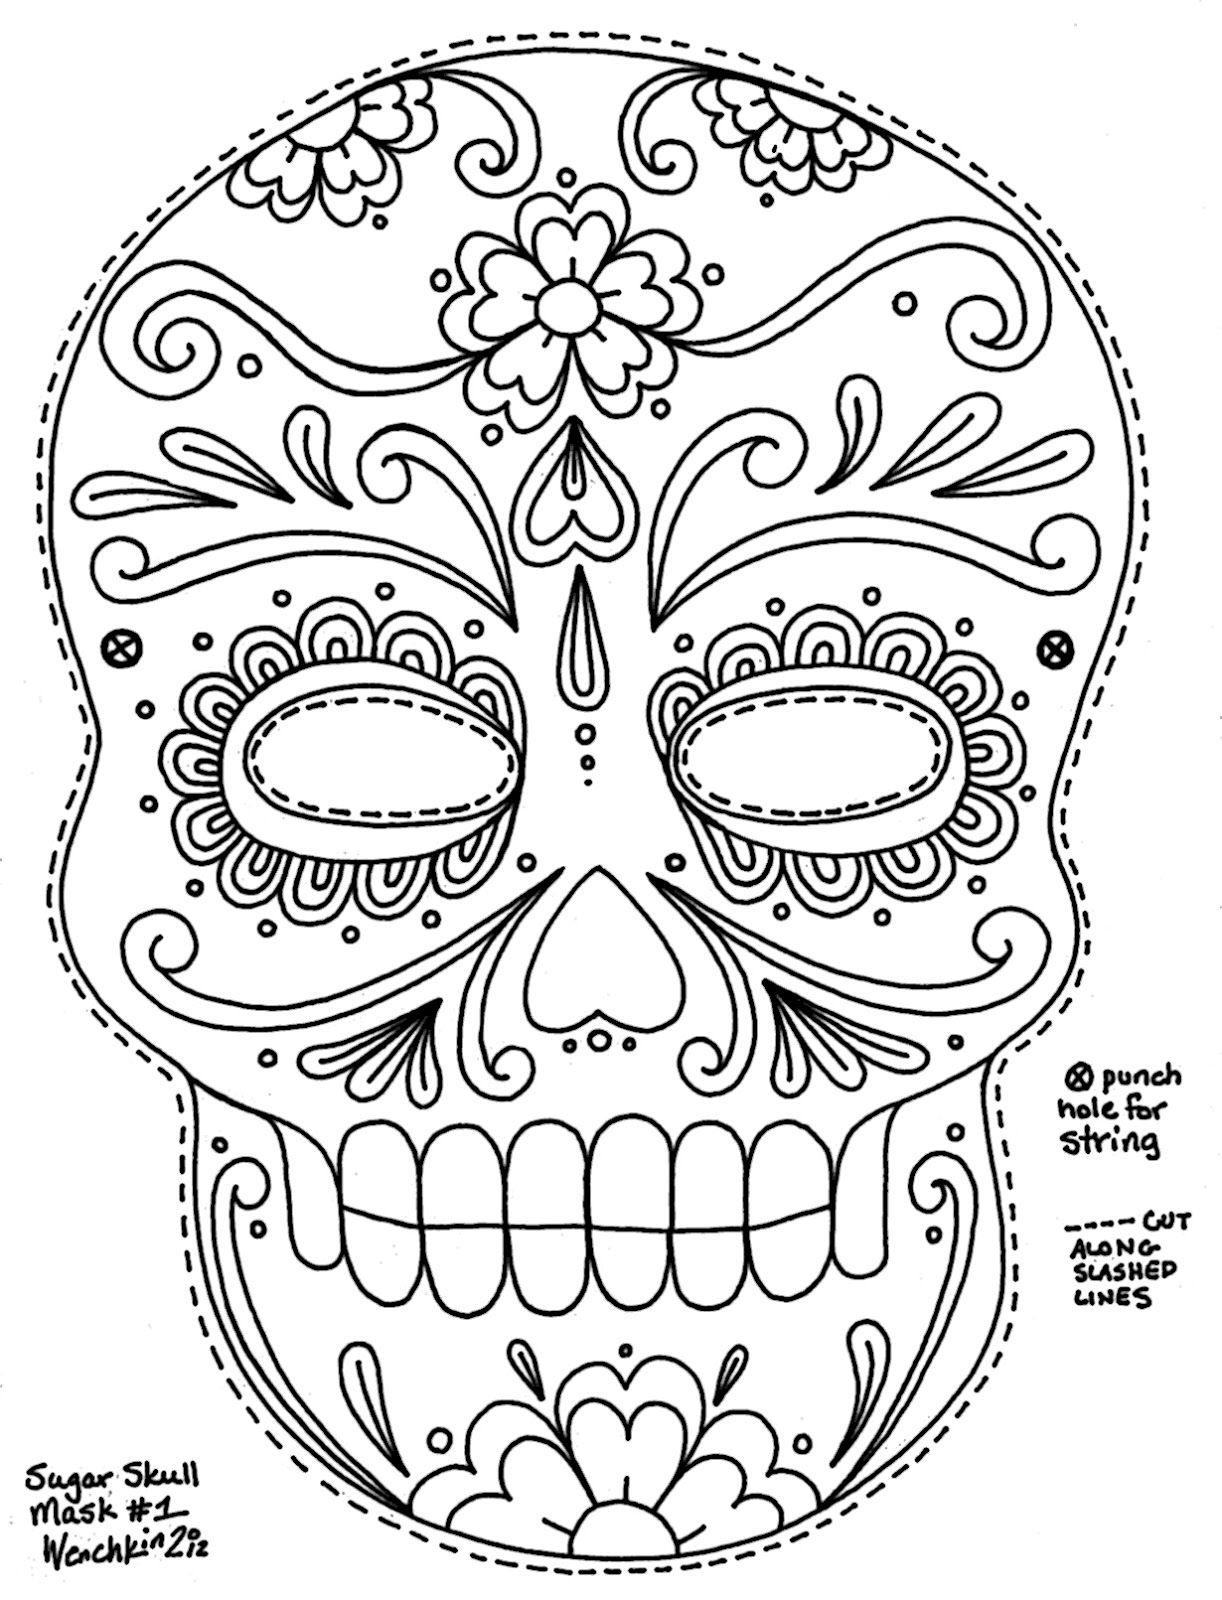 Free Printable Character Face Masks ボールペンアート, 塗り絵, スカル